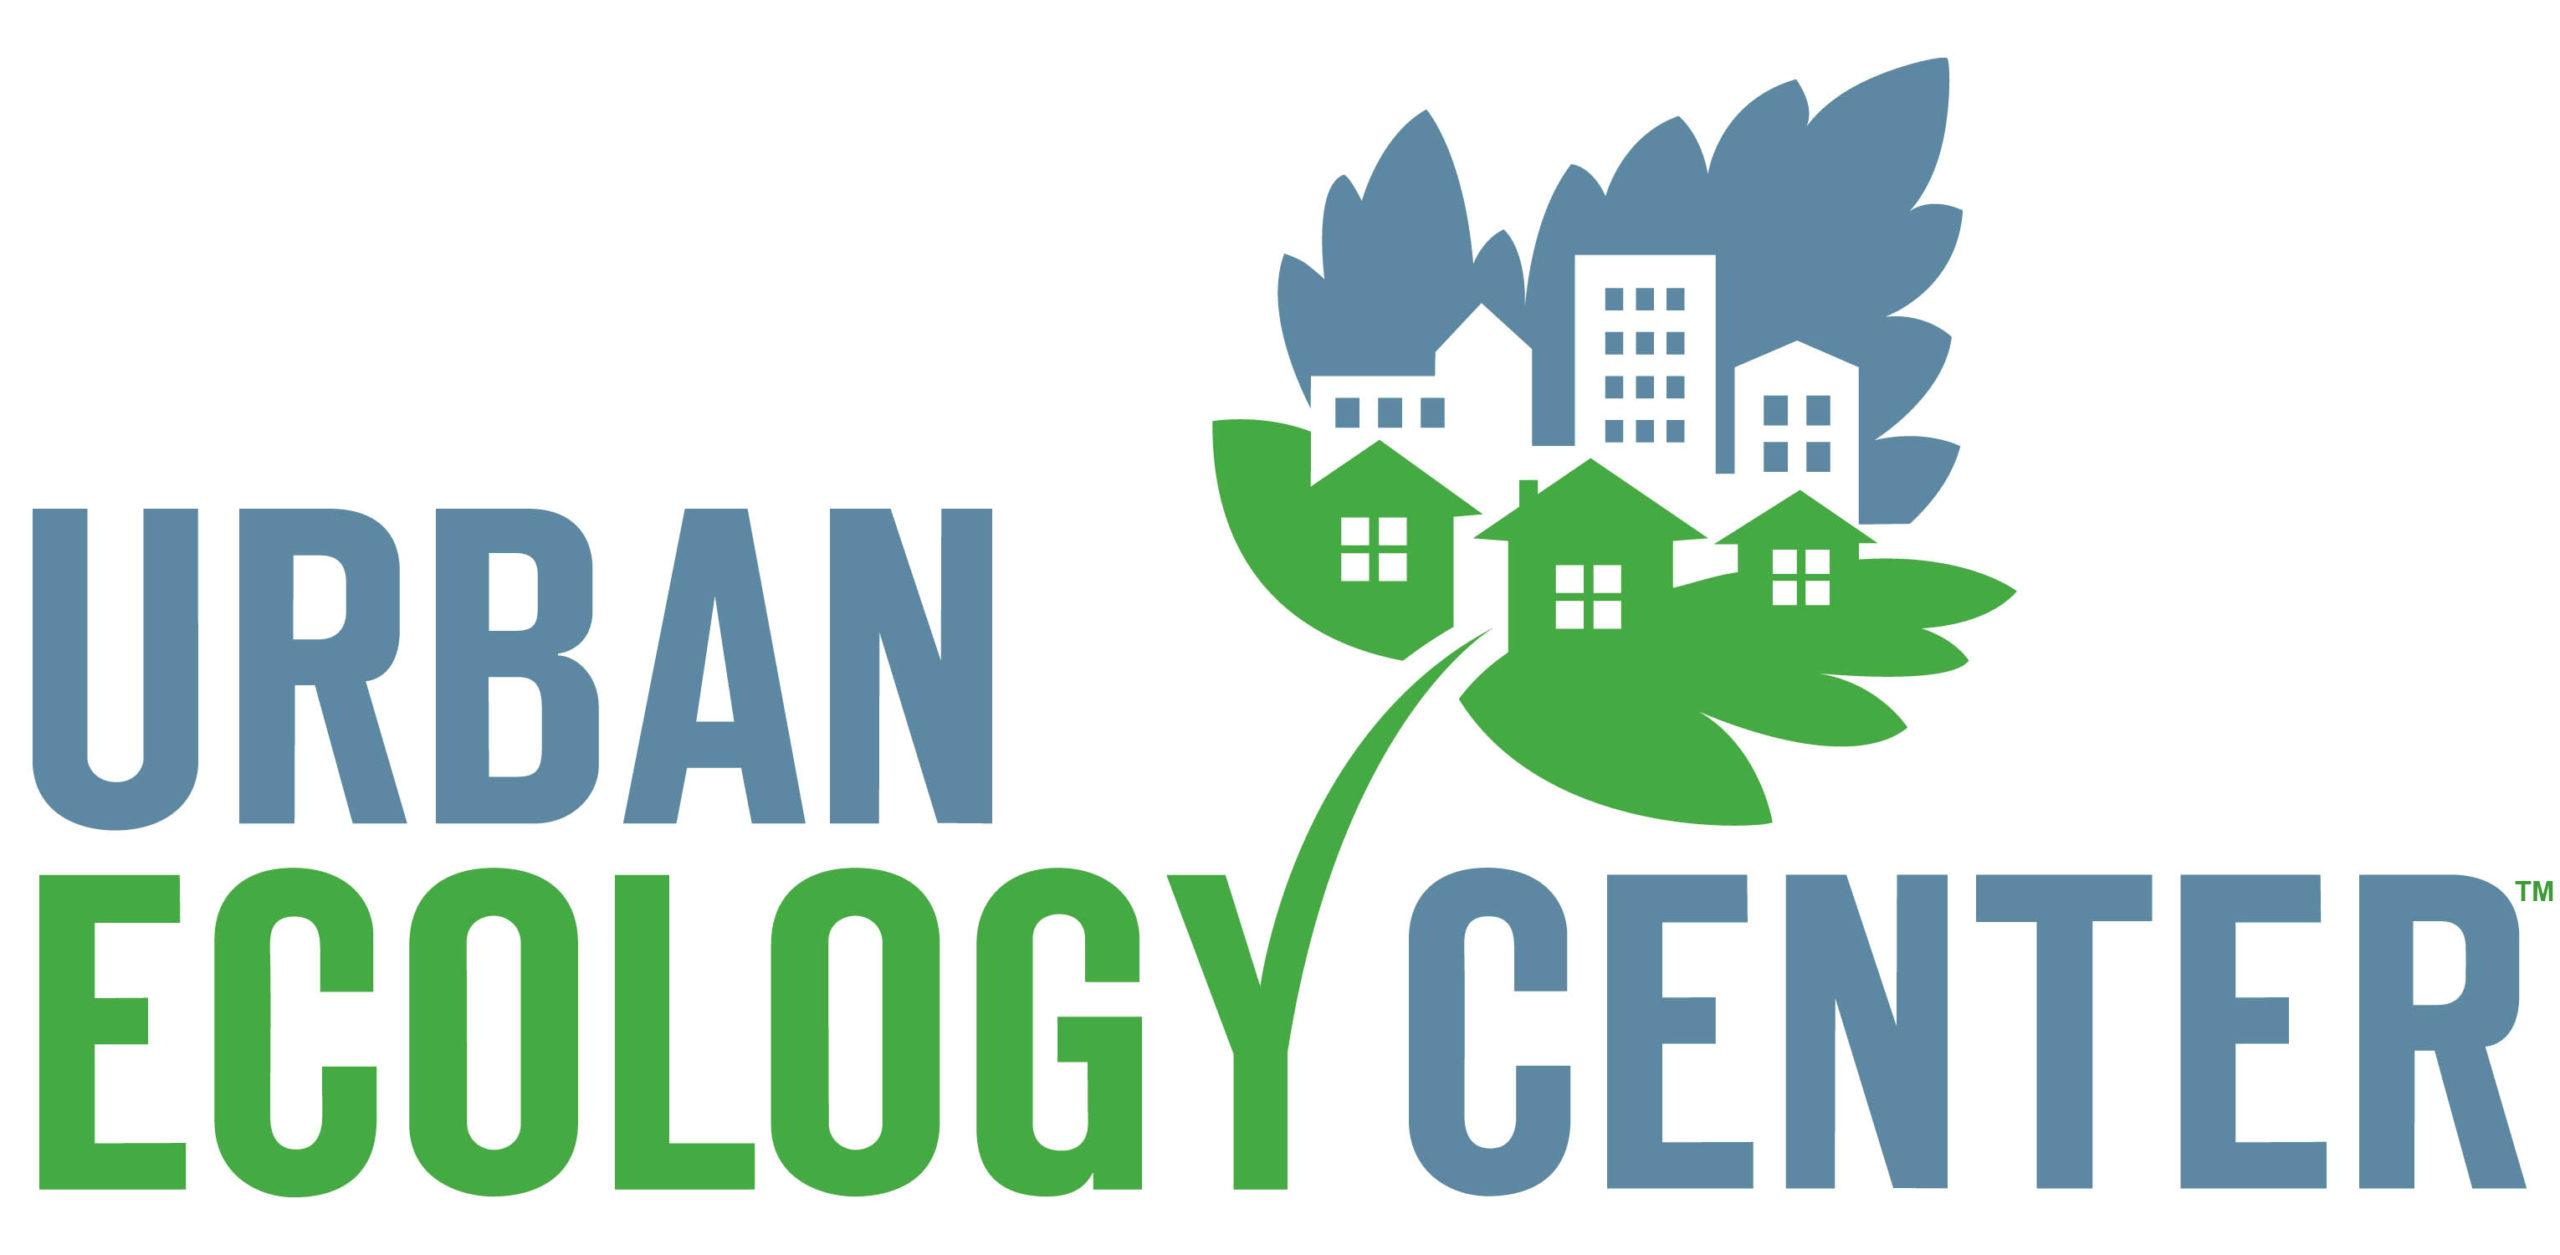 Urban Ecology Center logo